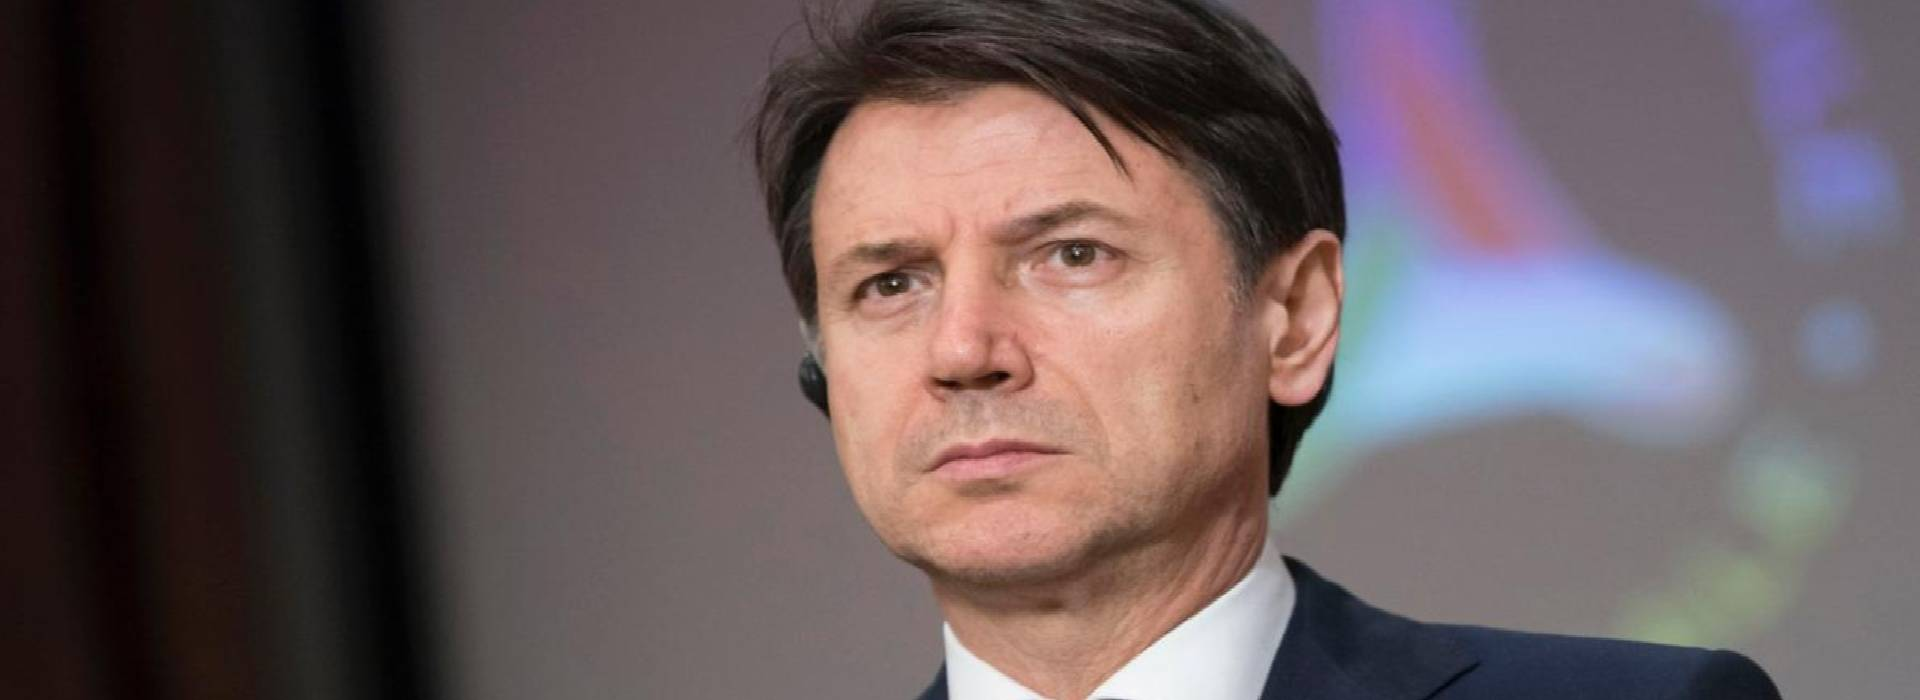 Giuseppe Conte, un premier che abusa dei Decreti e in conflitto con la Costituzione